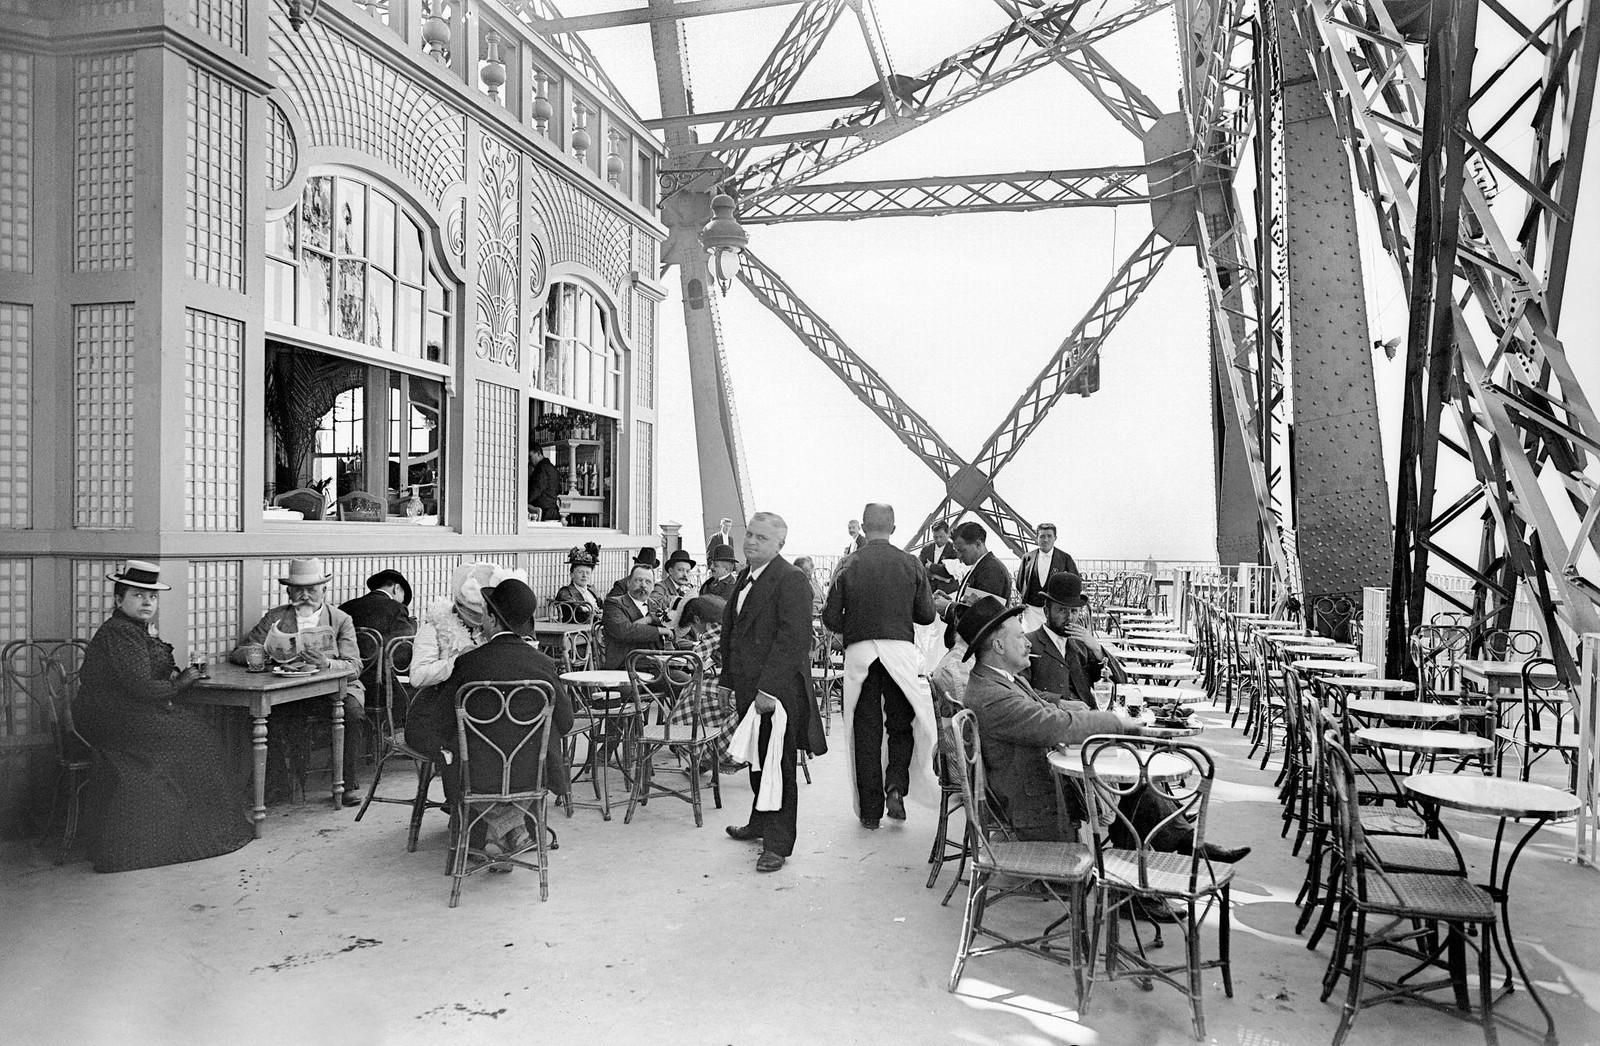 1900. Ресторан на первом этаже Эйфелевой башни